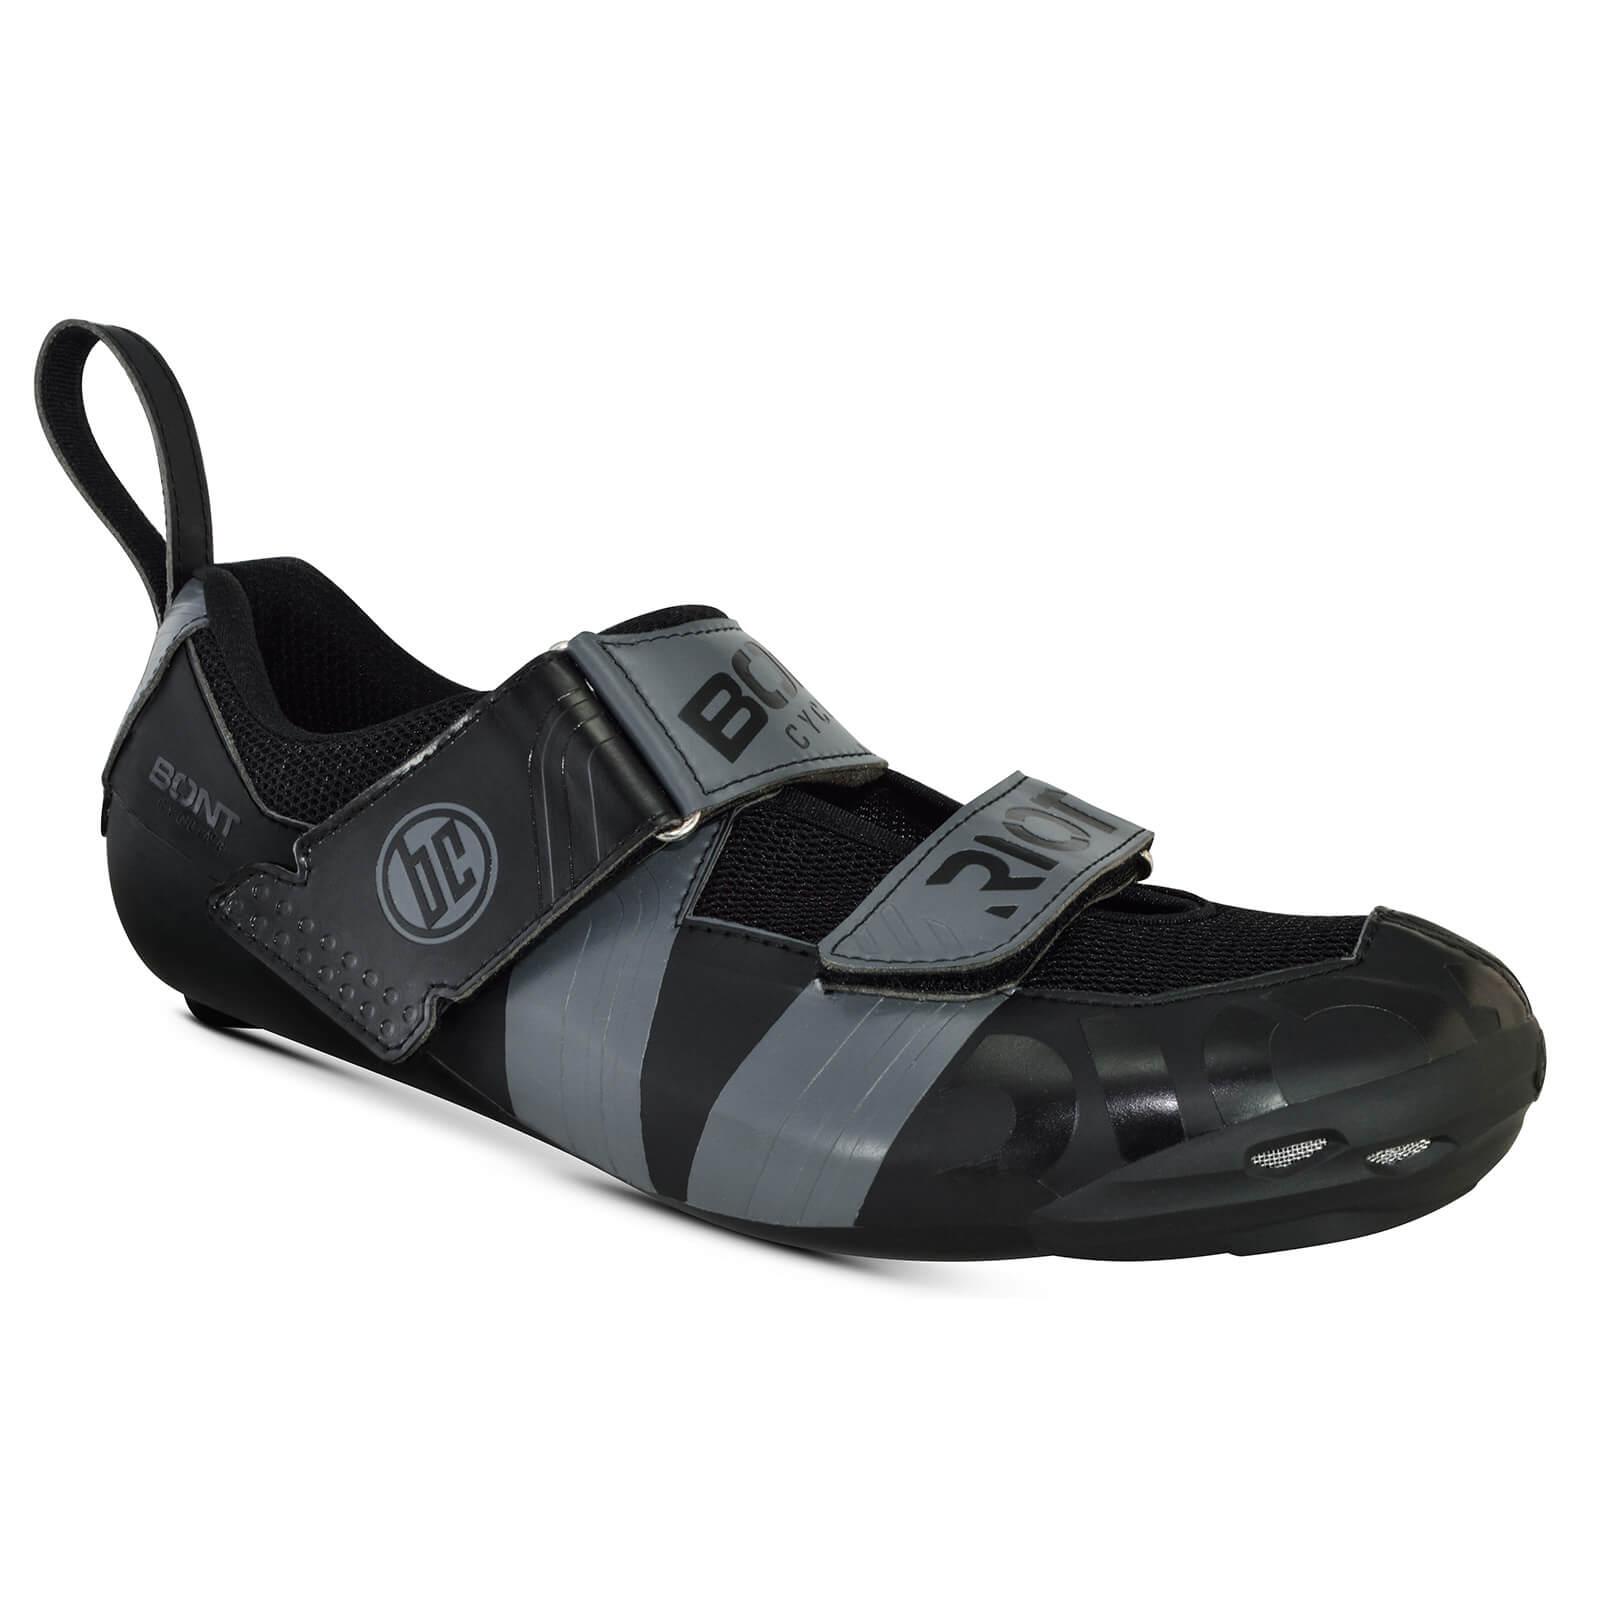 Bont Riot TR+ Road Shoes - EU 40 - Black/Grey